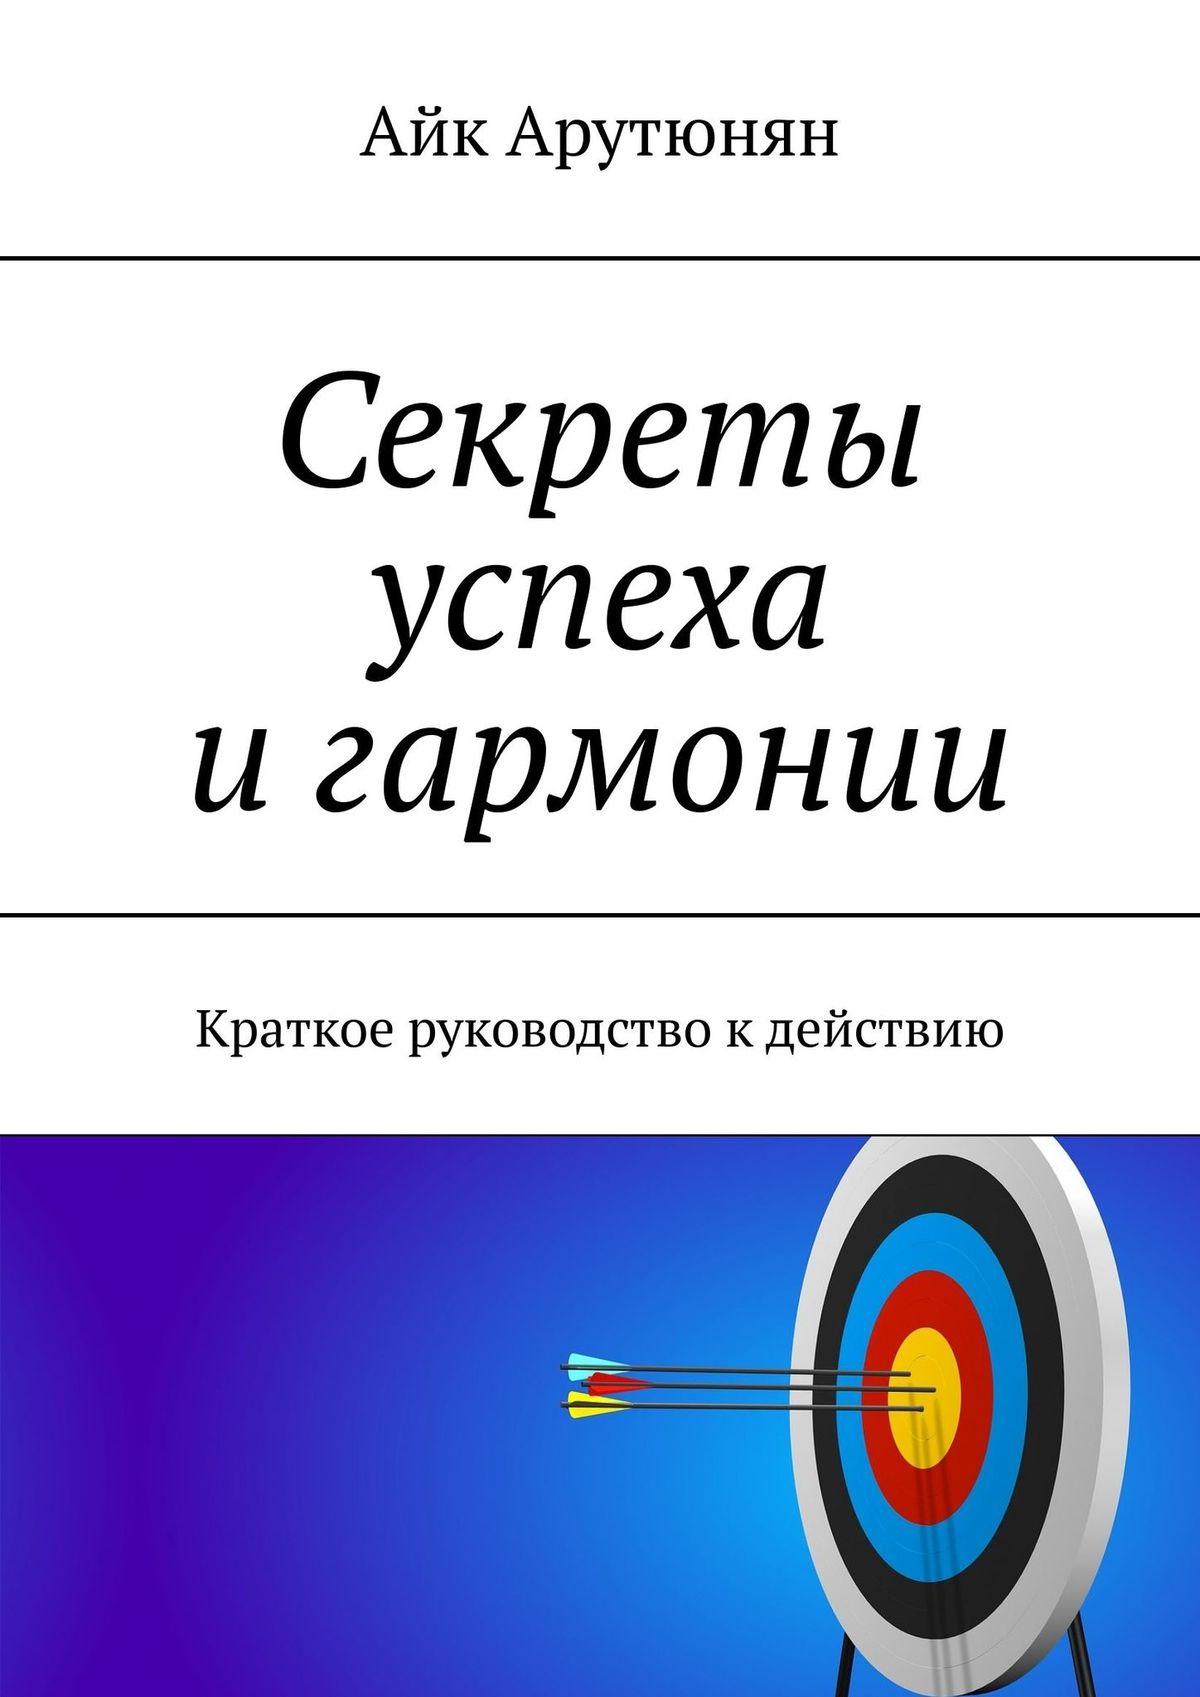 Айк Арутюнян Секреты успеха игармонии. Краткое руководство кдействию